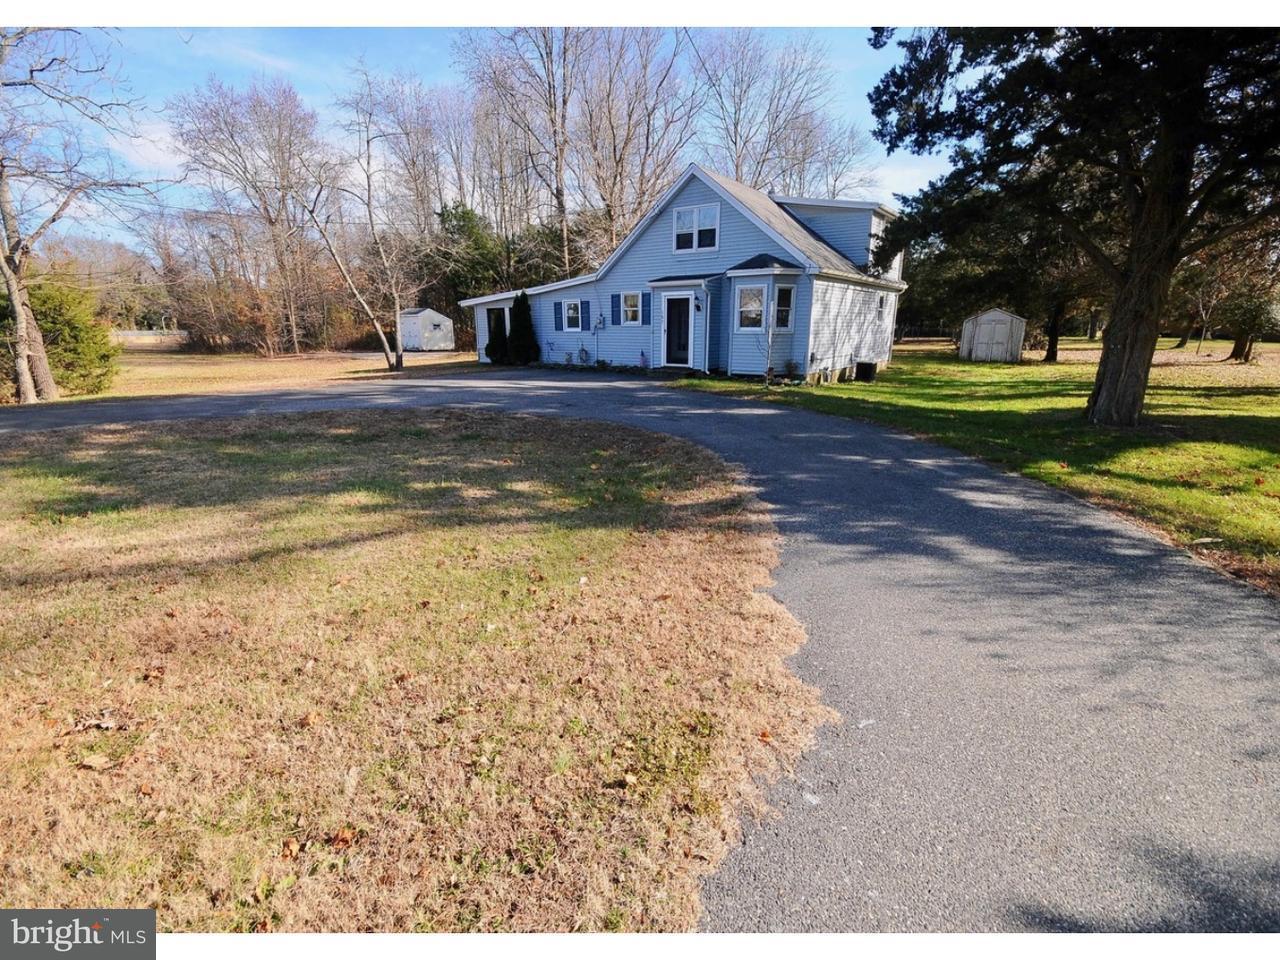 Casa Unifamiliar por un Venta en 157 PORT ELIZABETH CUMB. Port Elizabeth, Nueva Jersey 08332 Estados Unidos